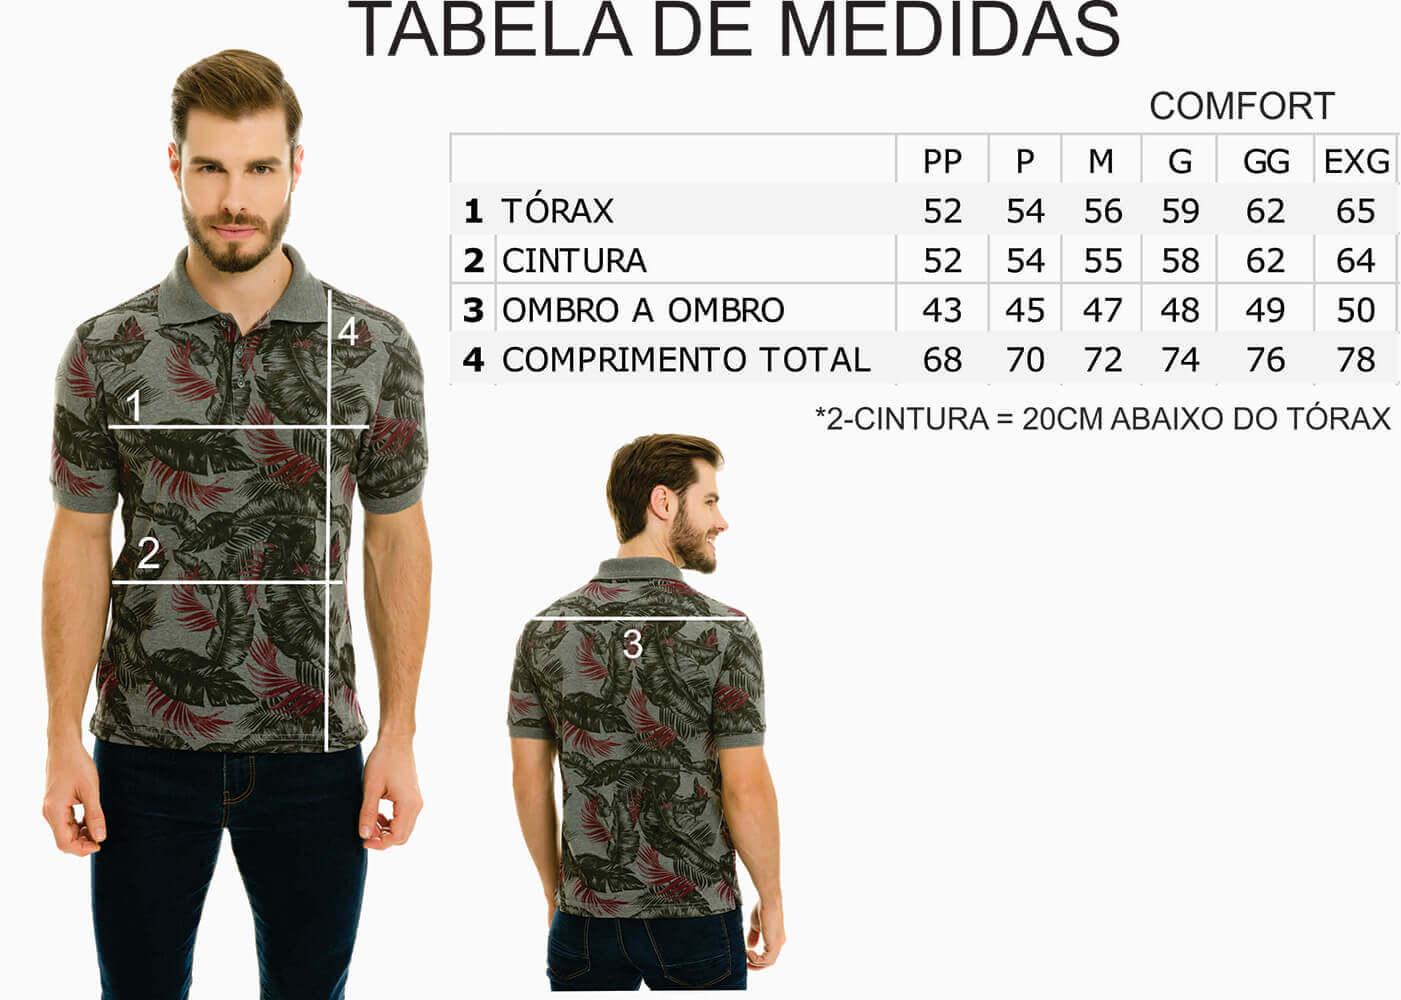 Camisa Gola Polo Olimpo Meia Malha Floral